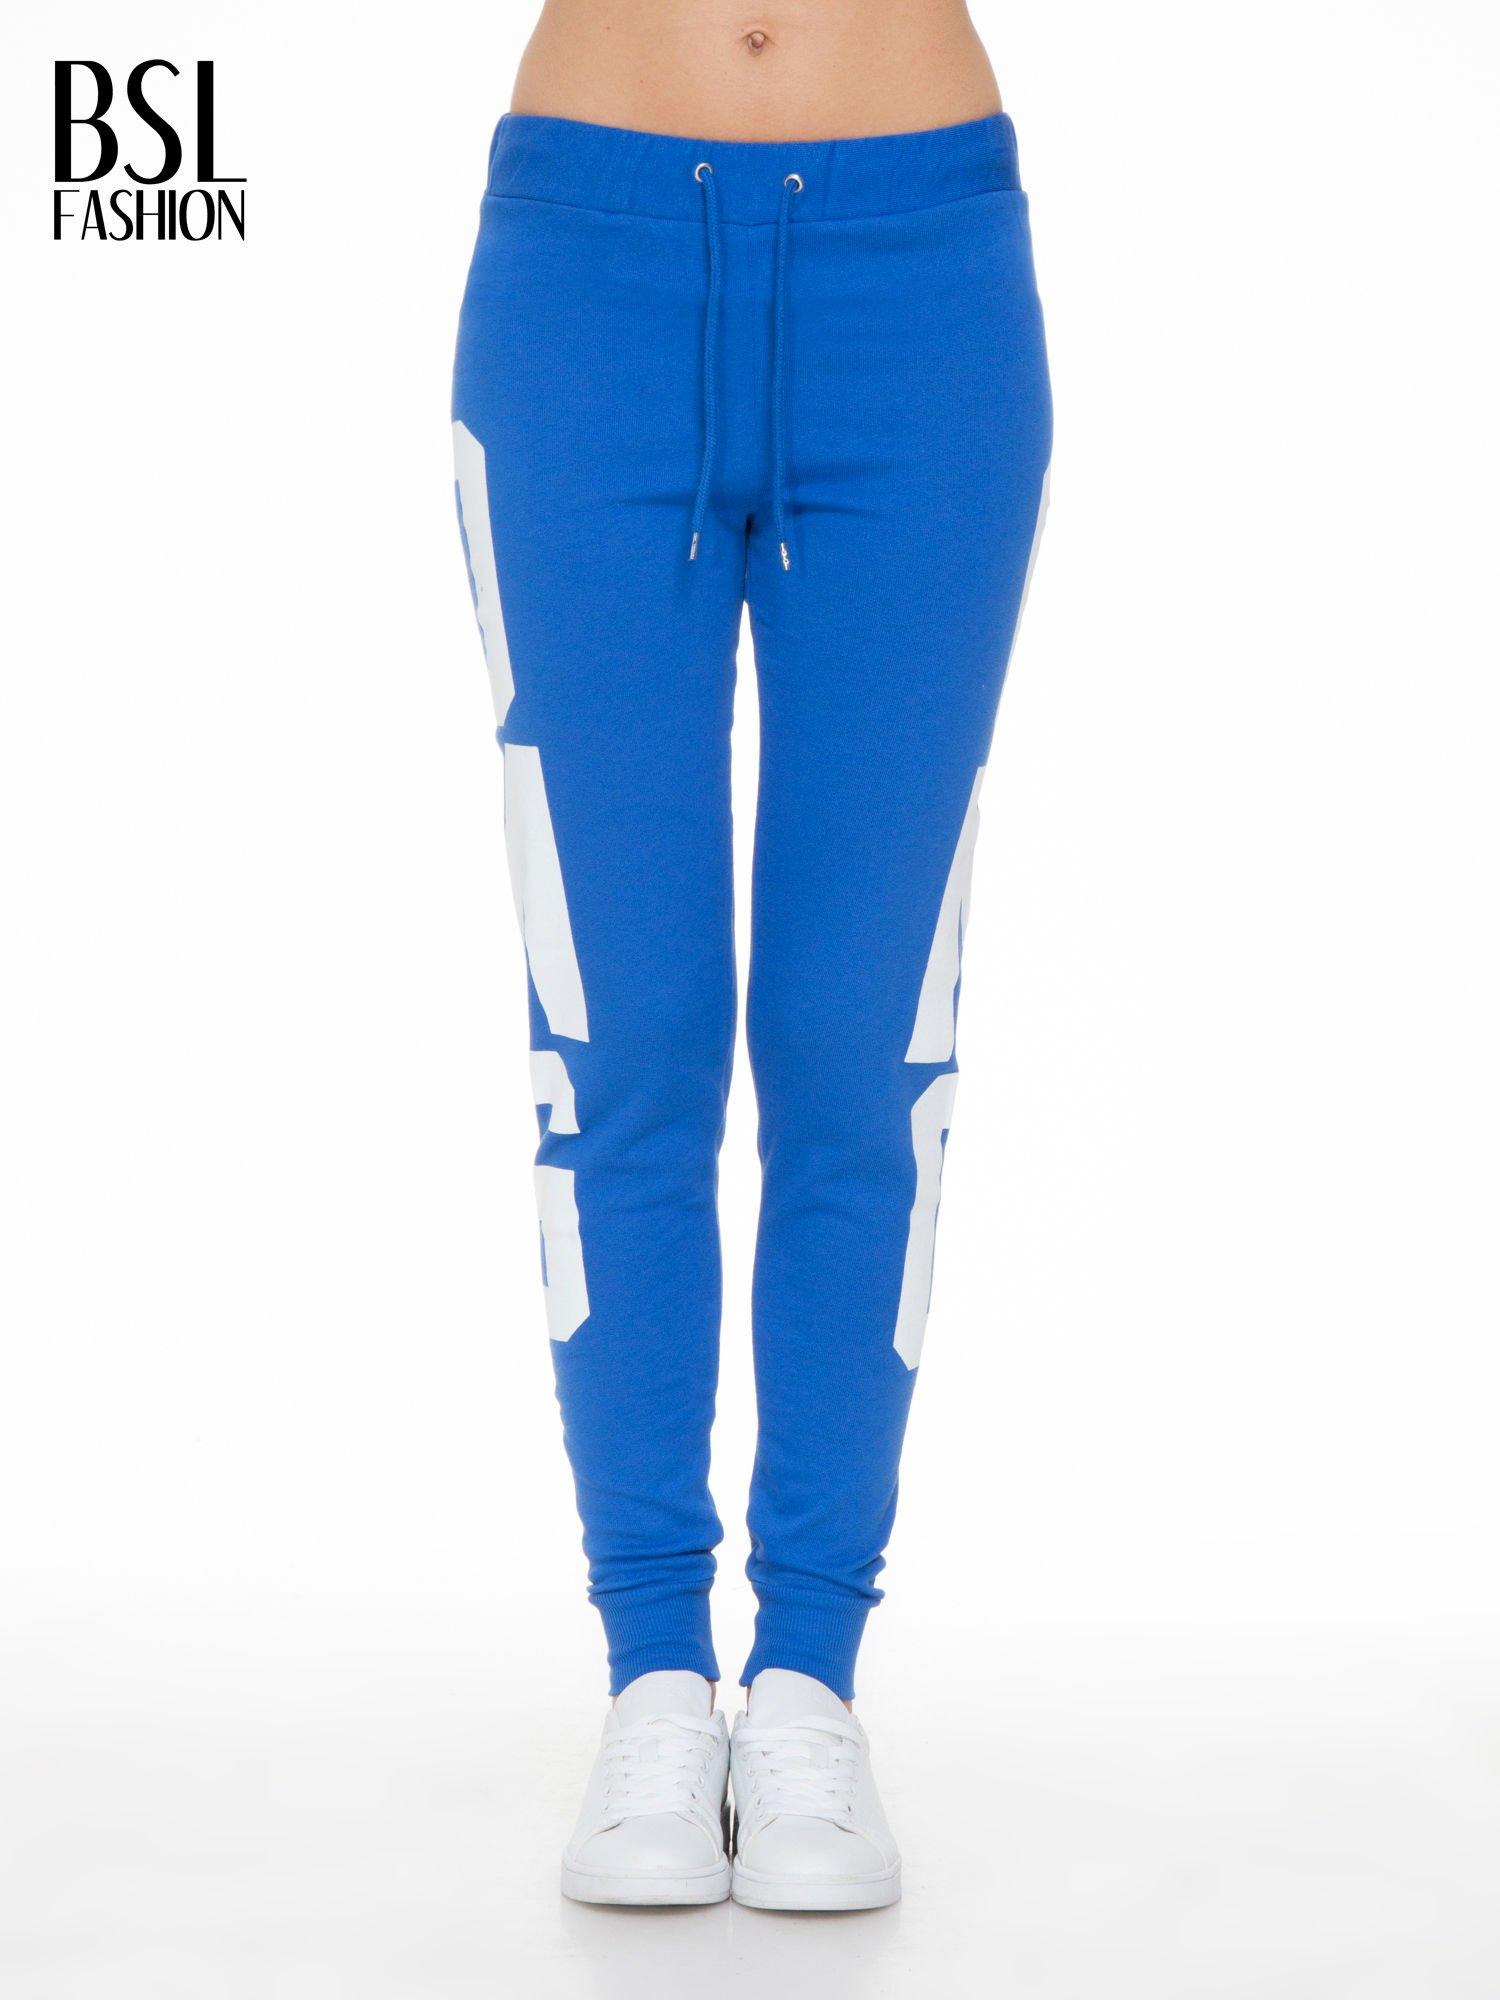 Niebieskie spodnie dresowe z nadrukiem OMG z boku nogawek                                  zdj.                                  1